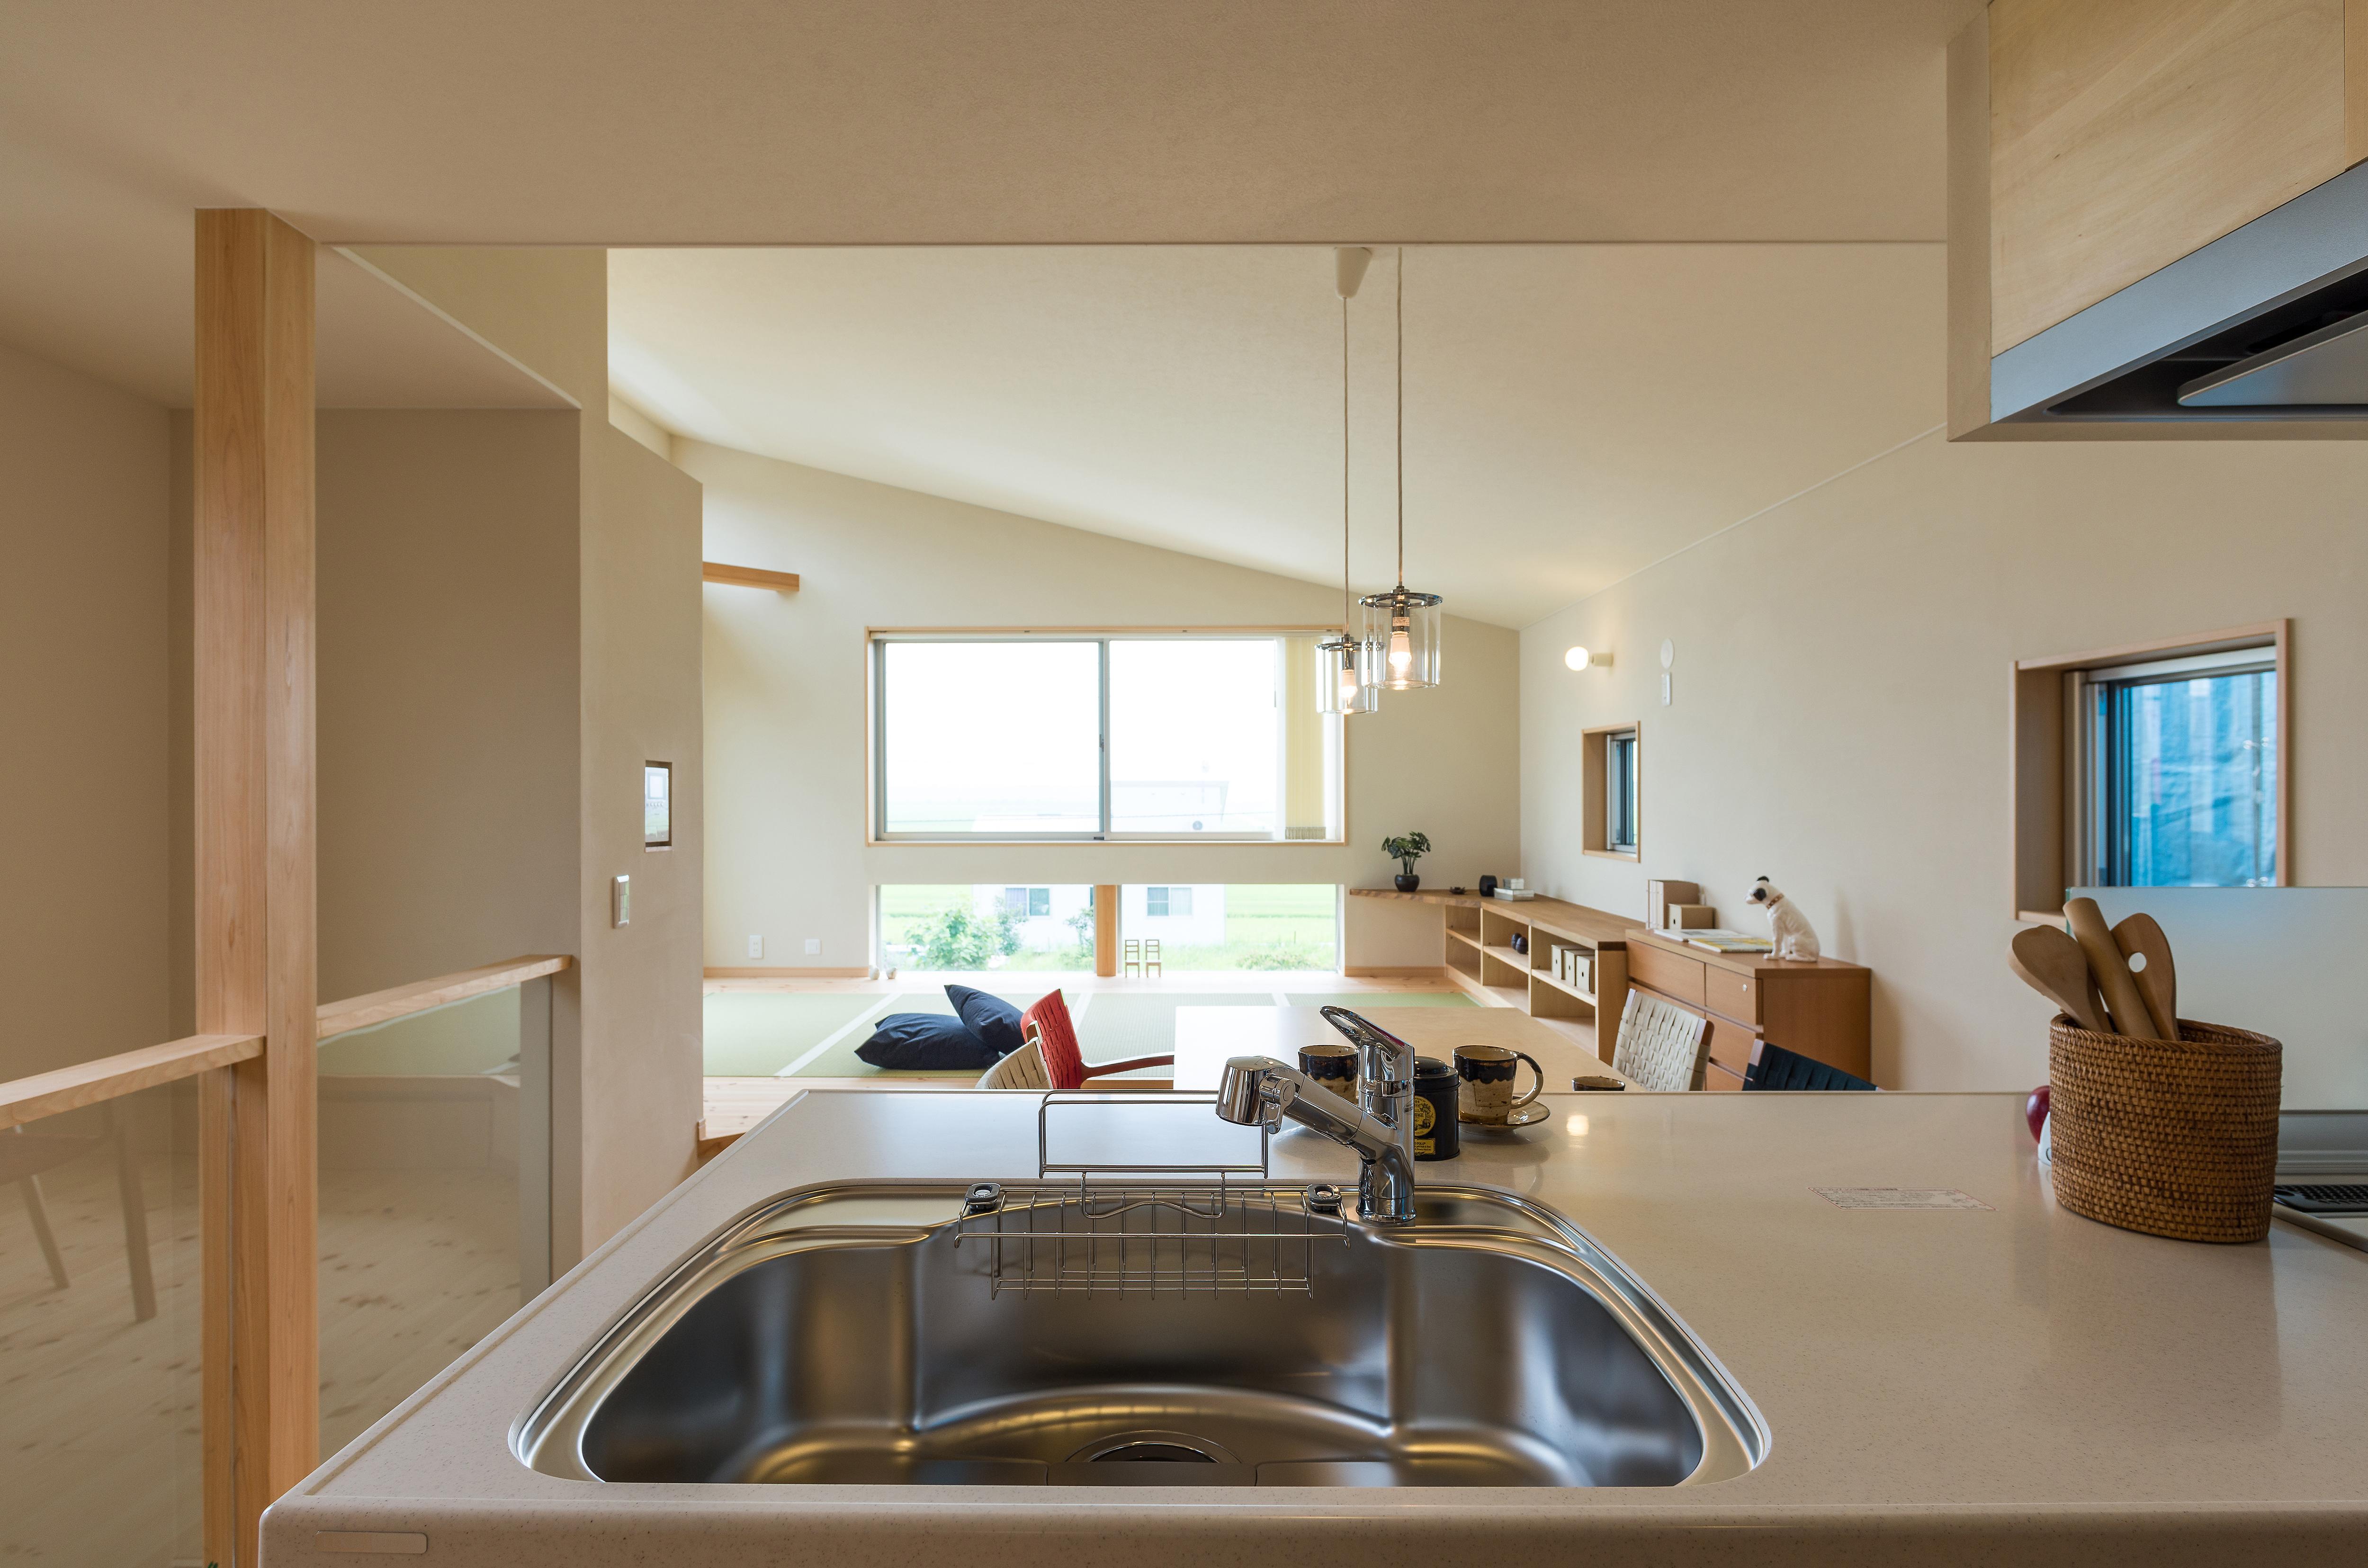 2階リビングのある家の建築実例(キッチン)